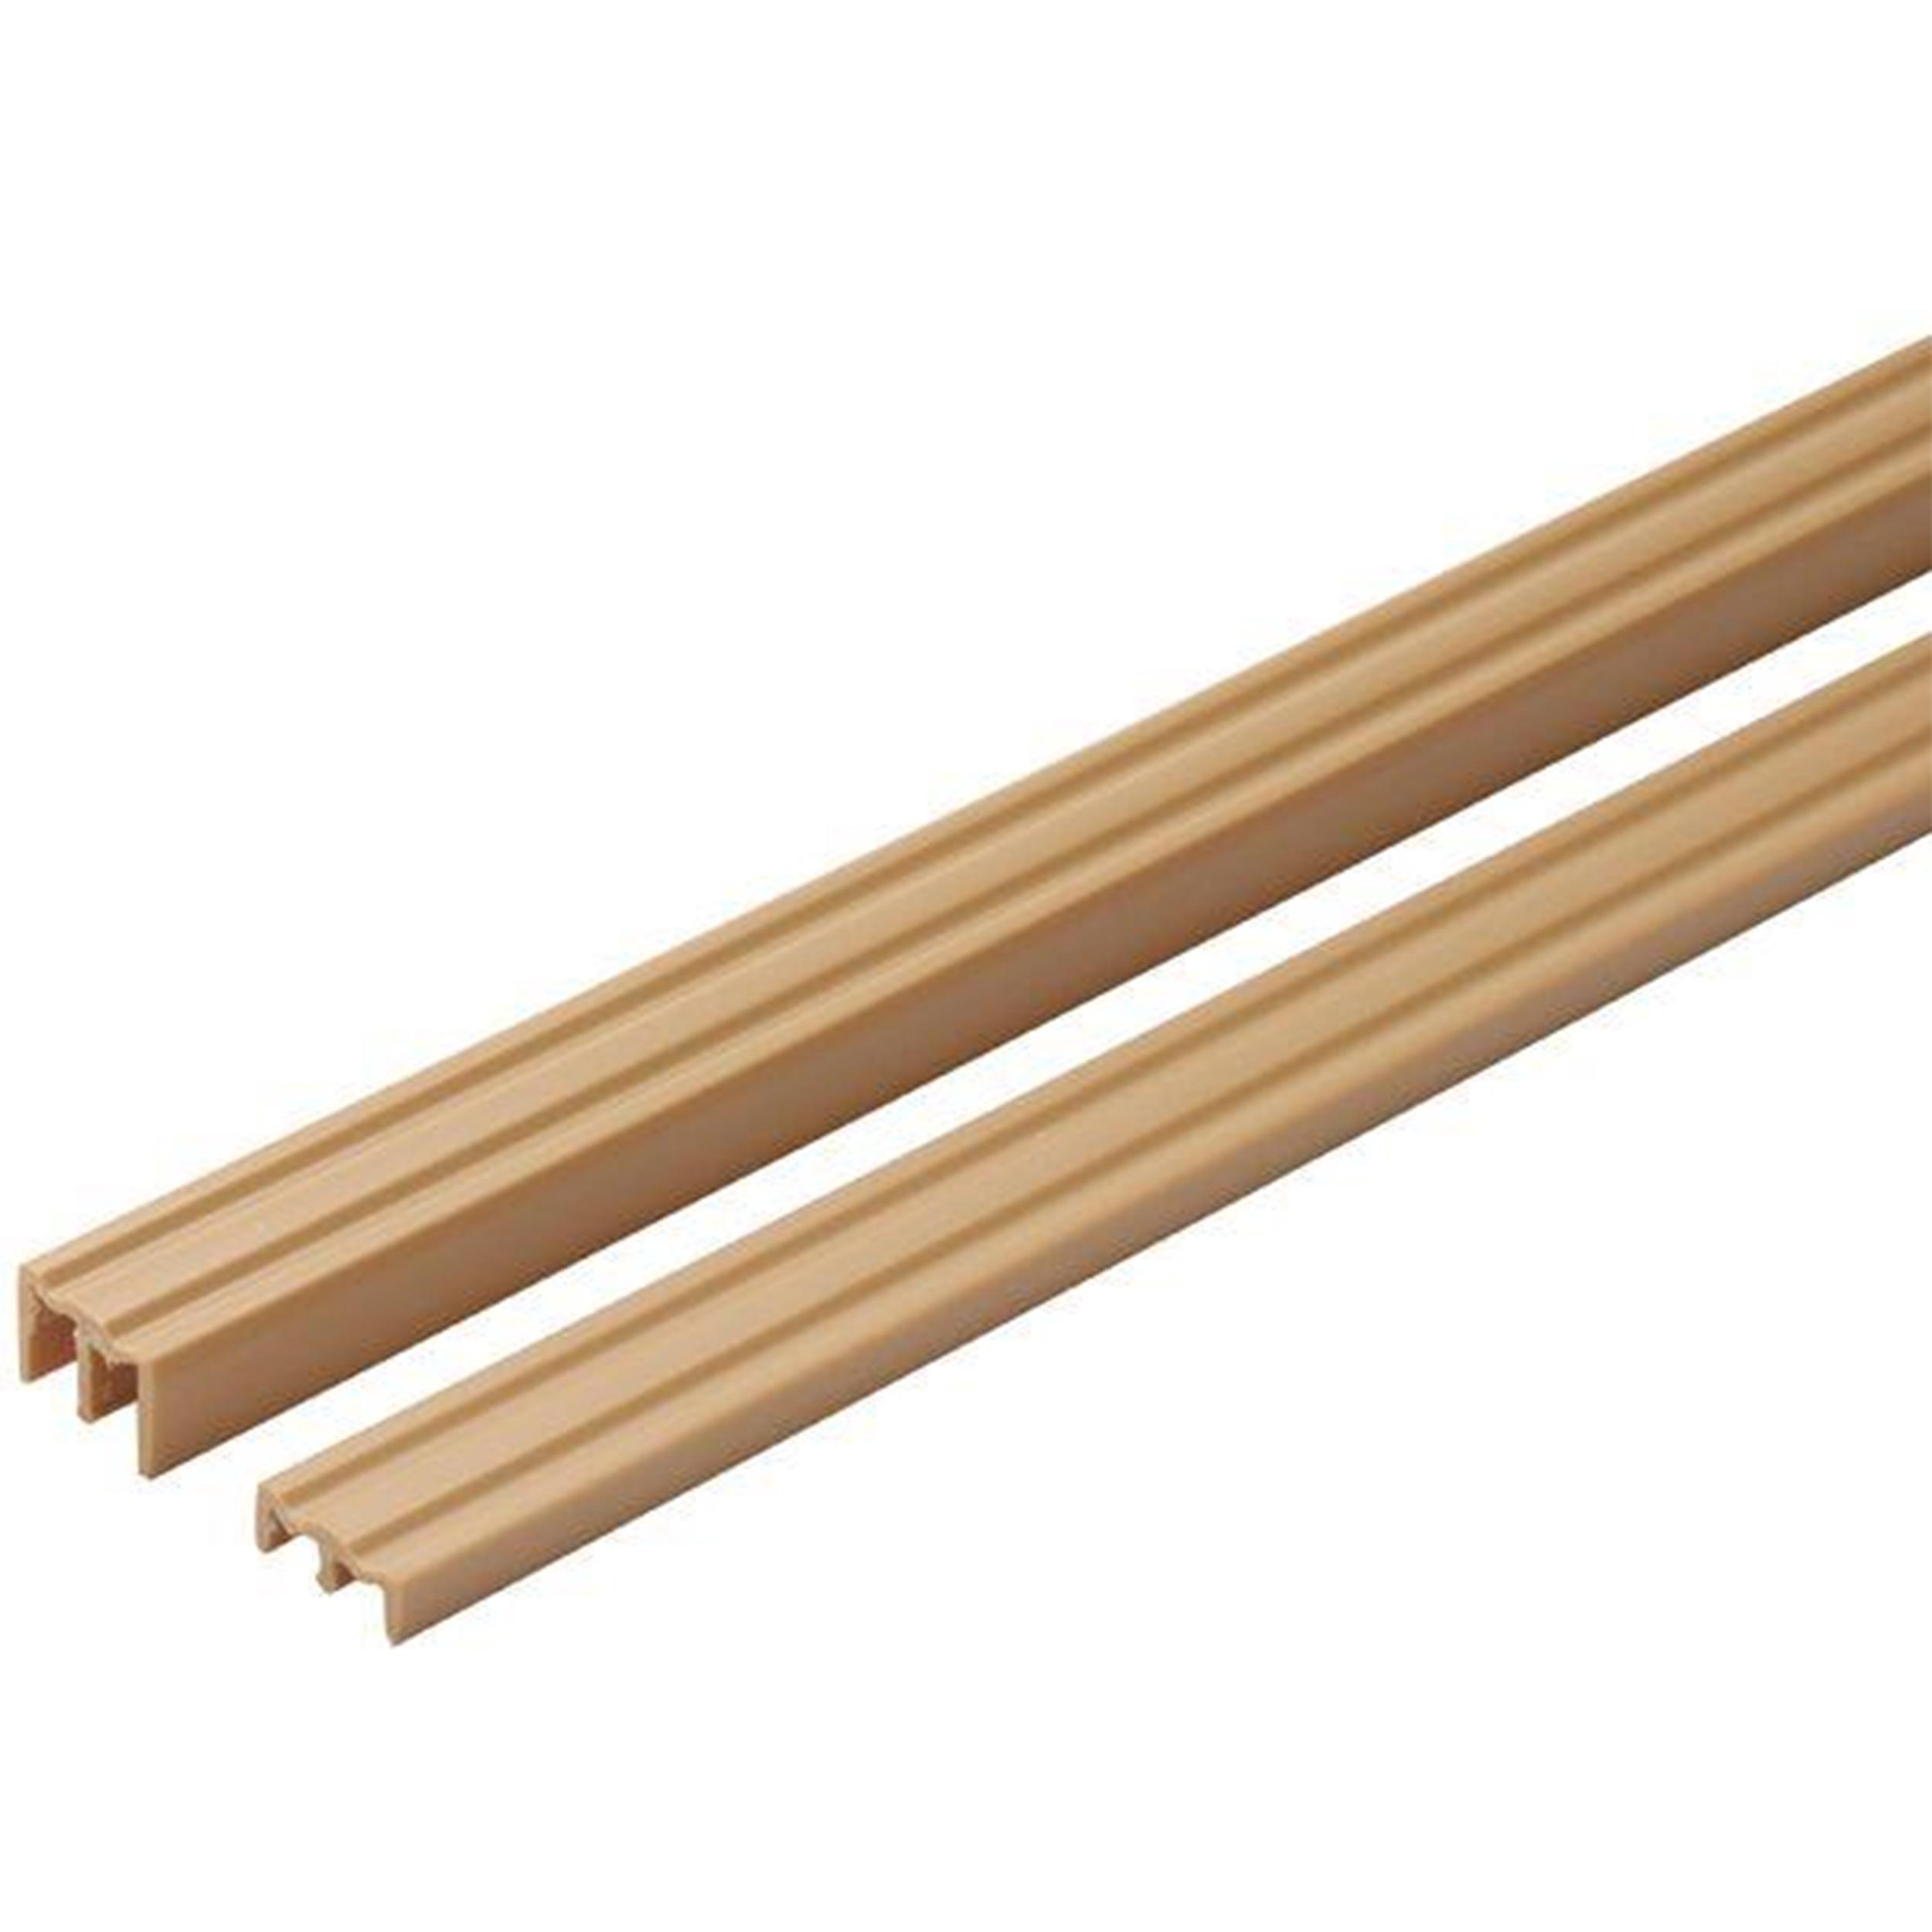 Knape and Vogt Wood Door Track for 1/4